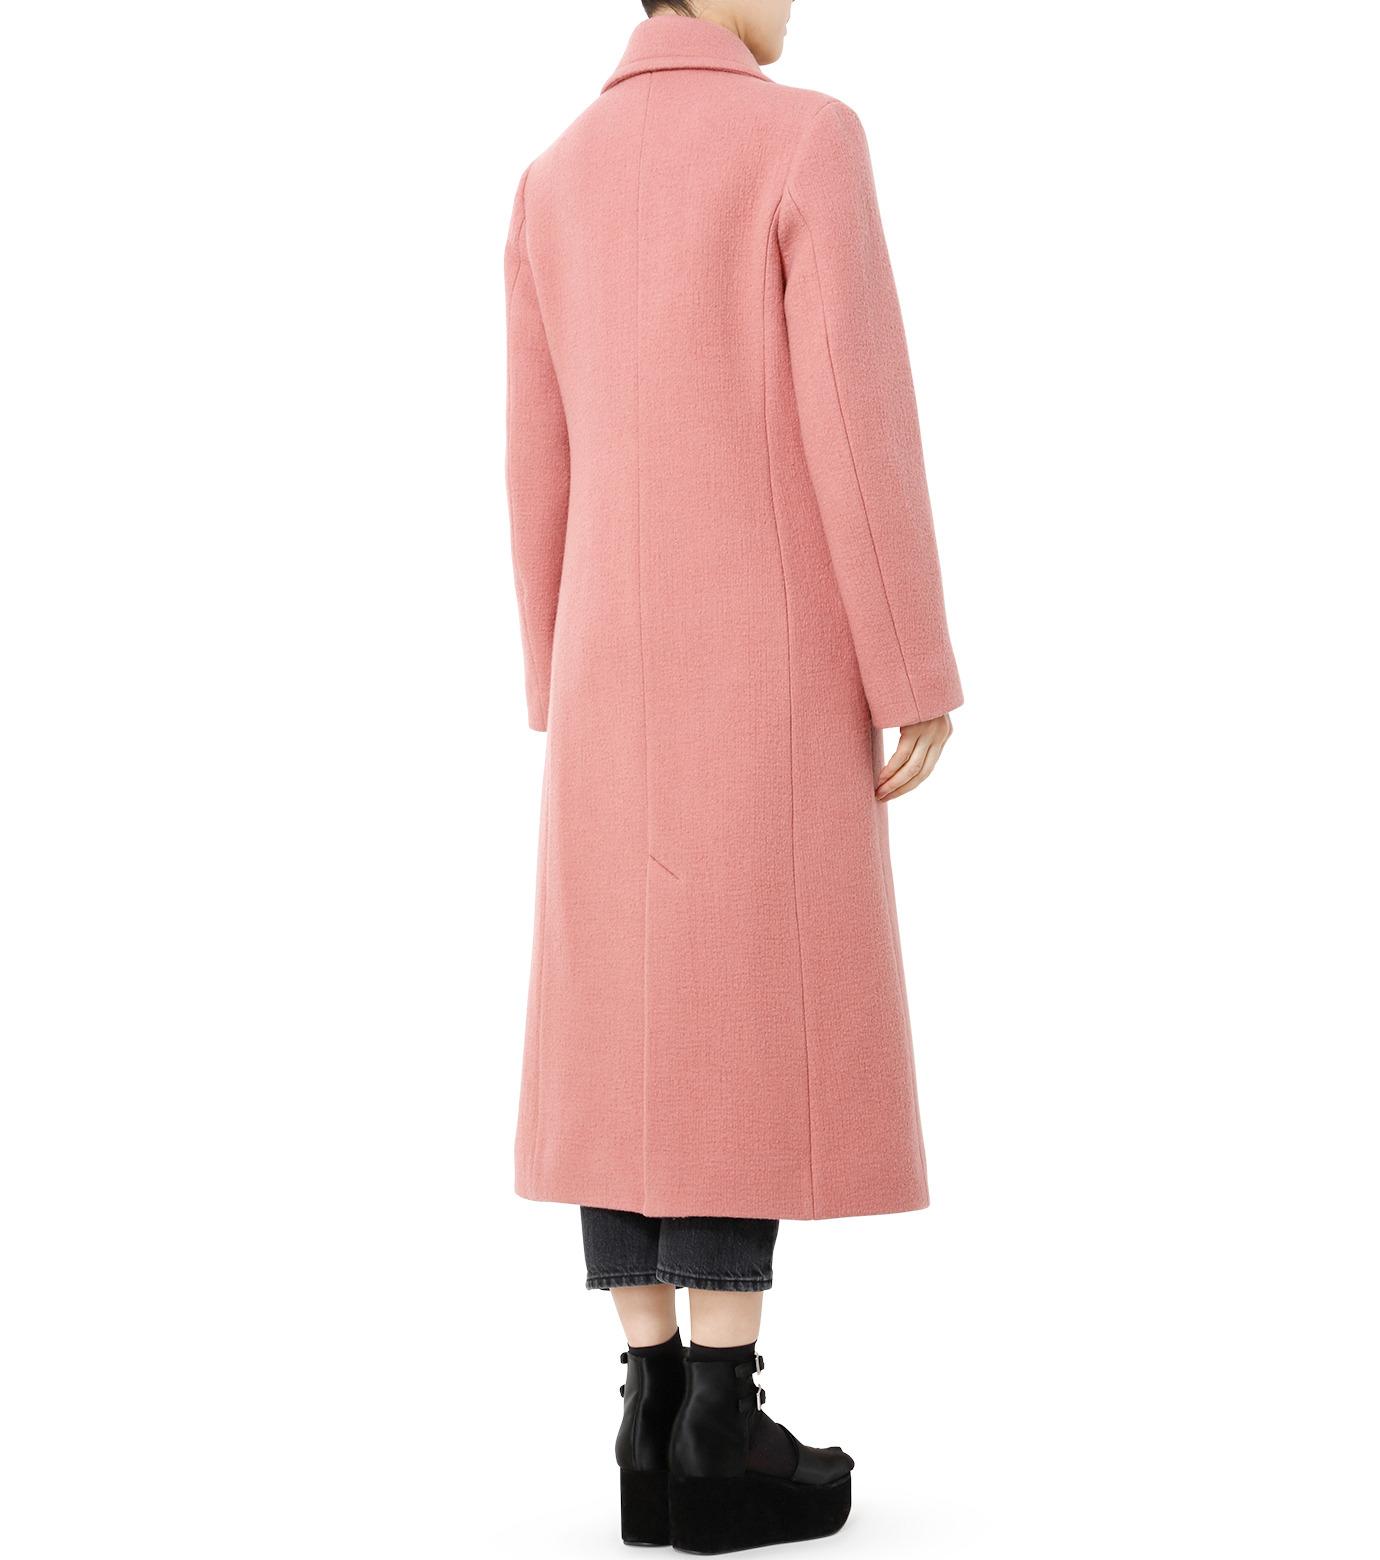 LE CIEL BLEU(ルシェルブルー)のナッピングウールレディーコート-SALMON PINK(コート/coat)-18A69716 拡大詳細画像5